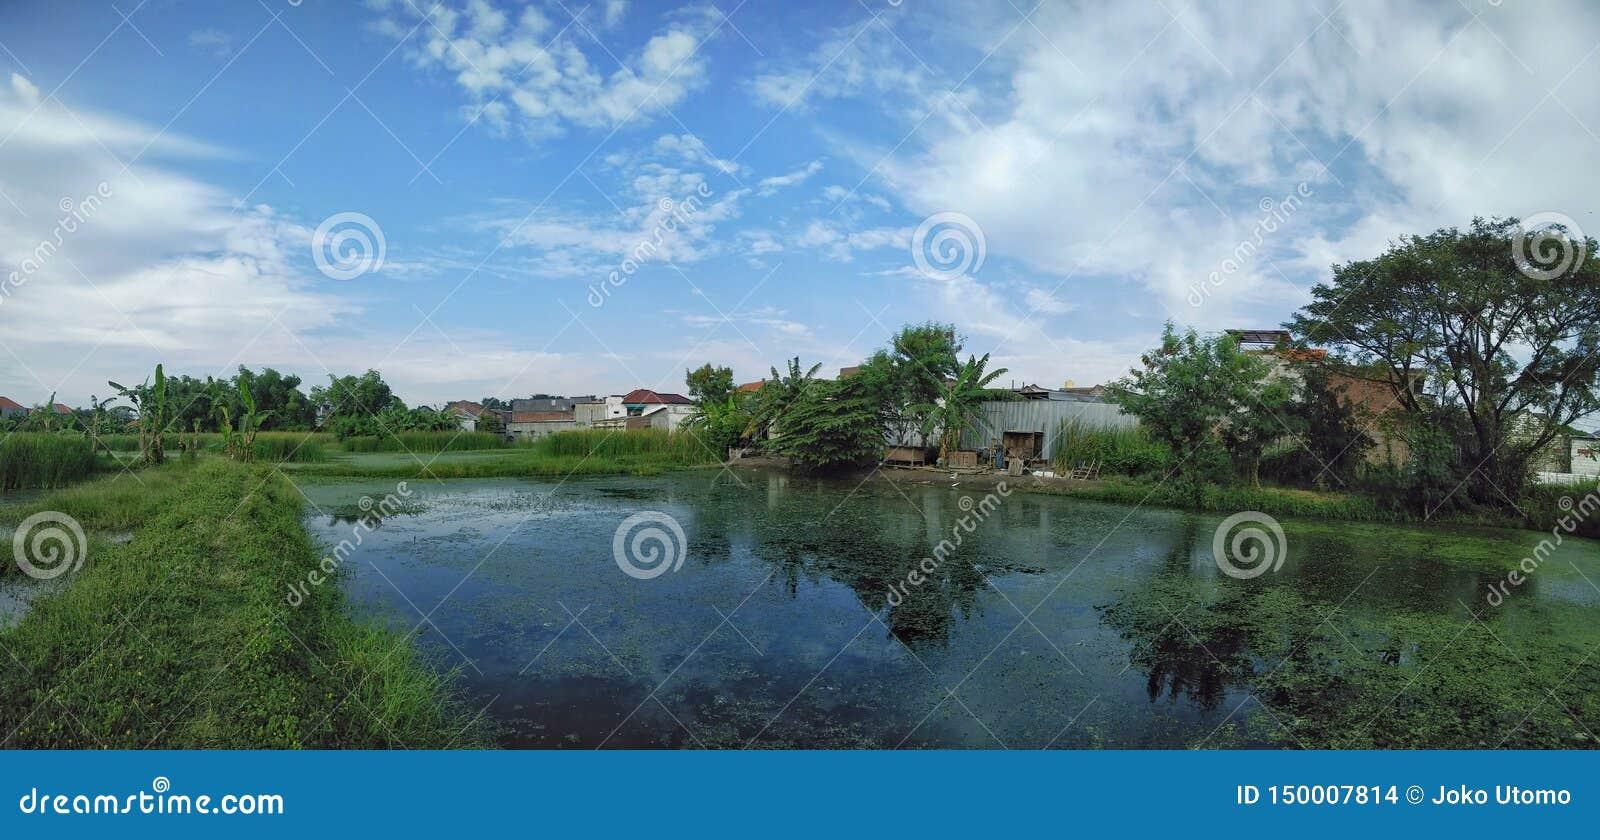 鱼池和清楚的天空蔚蓝背景风景看法